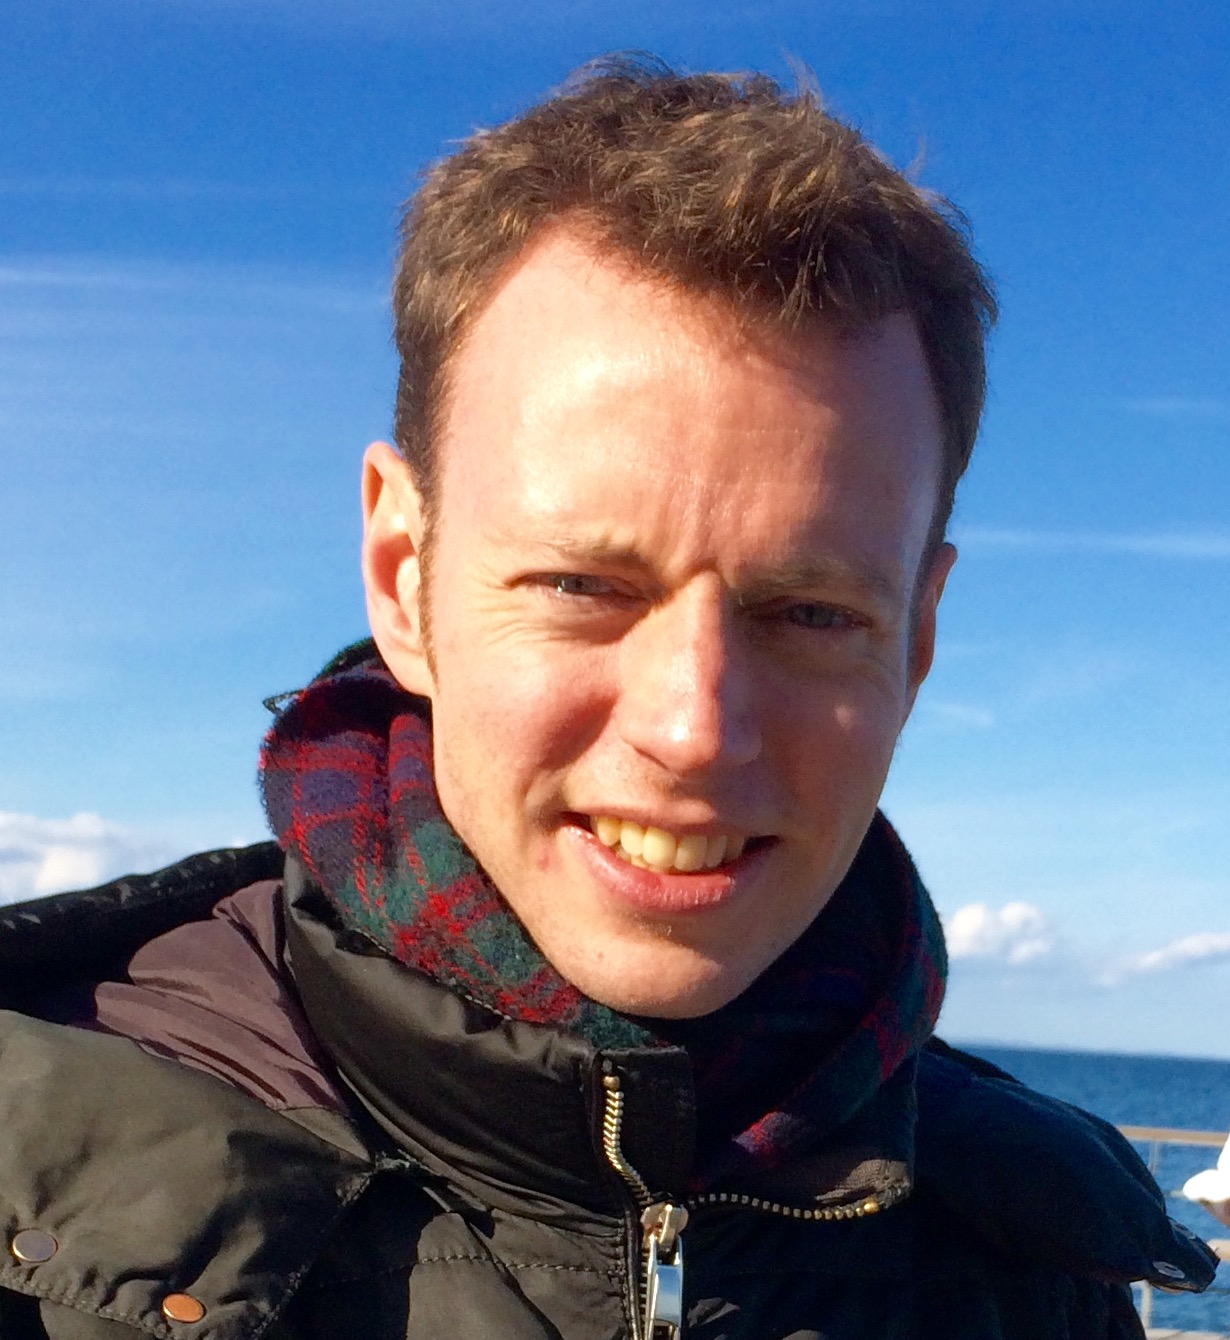 Niels Trusbak Haumann